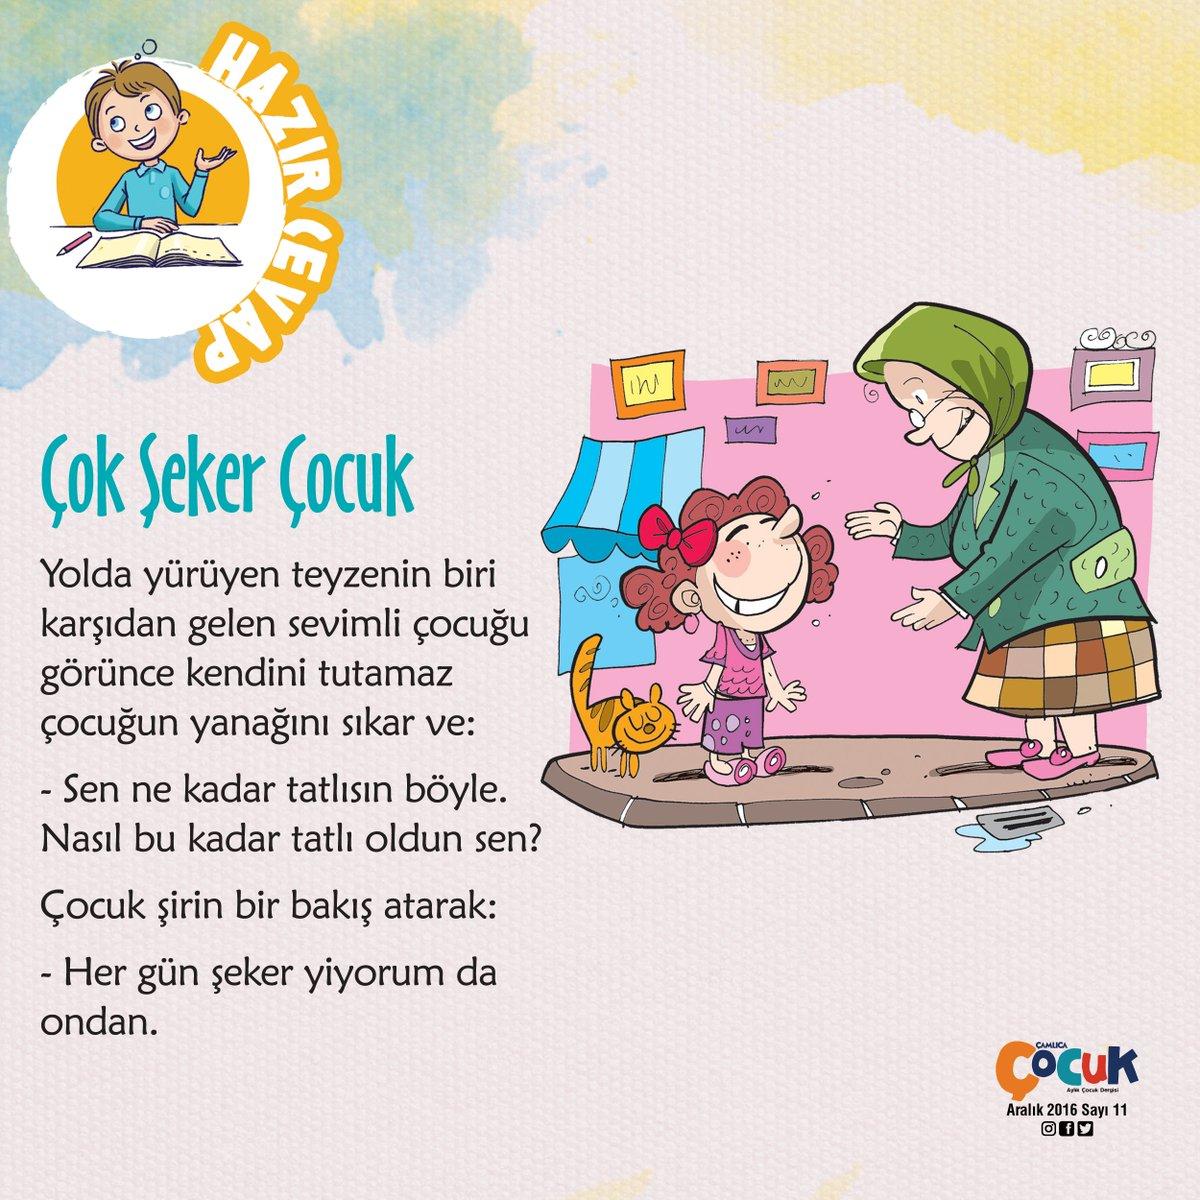 """Çamlıca Çocuk Dergi on Twitter: """"ÇOK ŞEKER ÇOCUK #cocuk #dergi."""